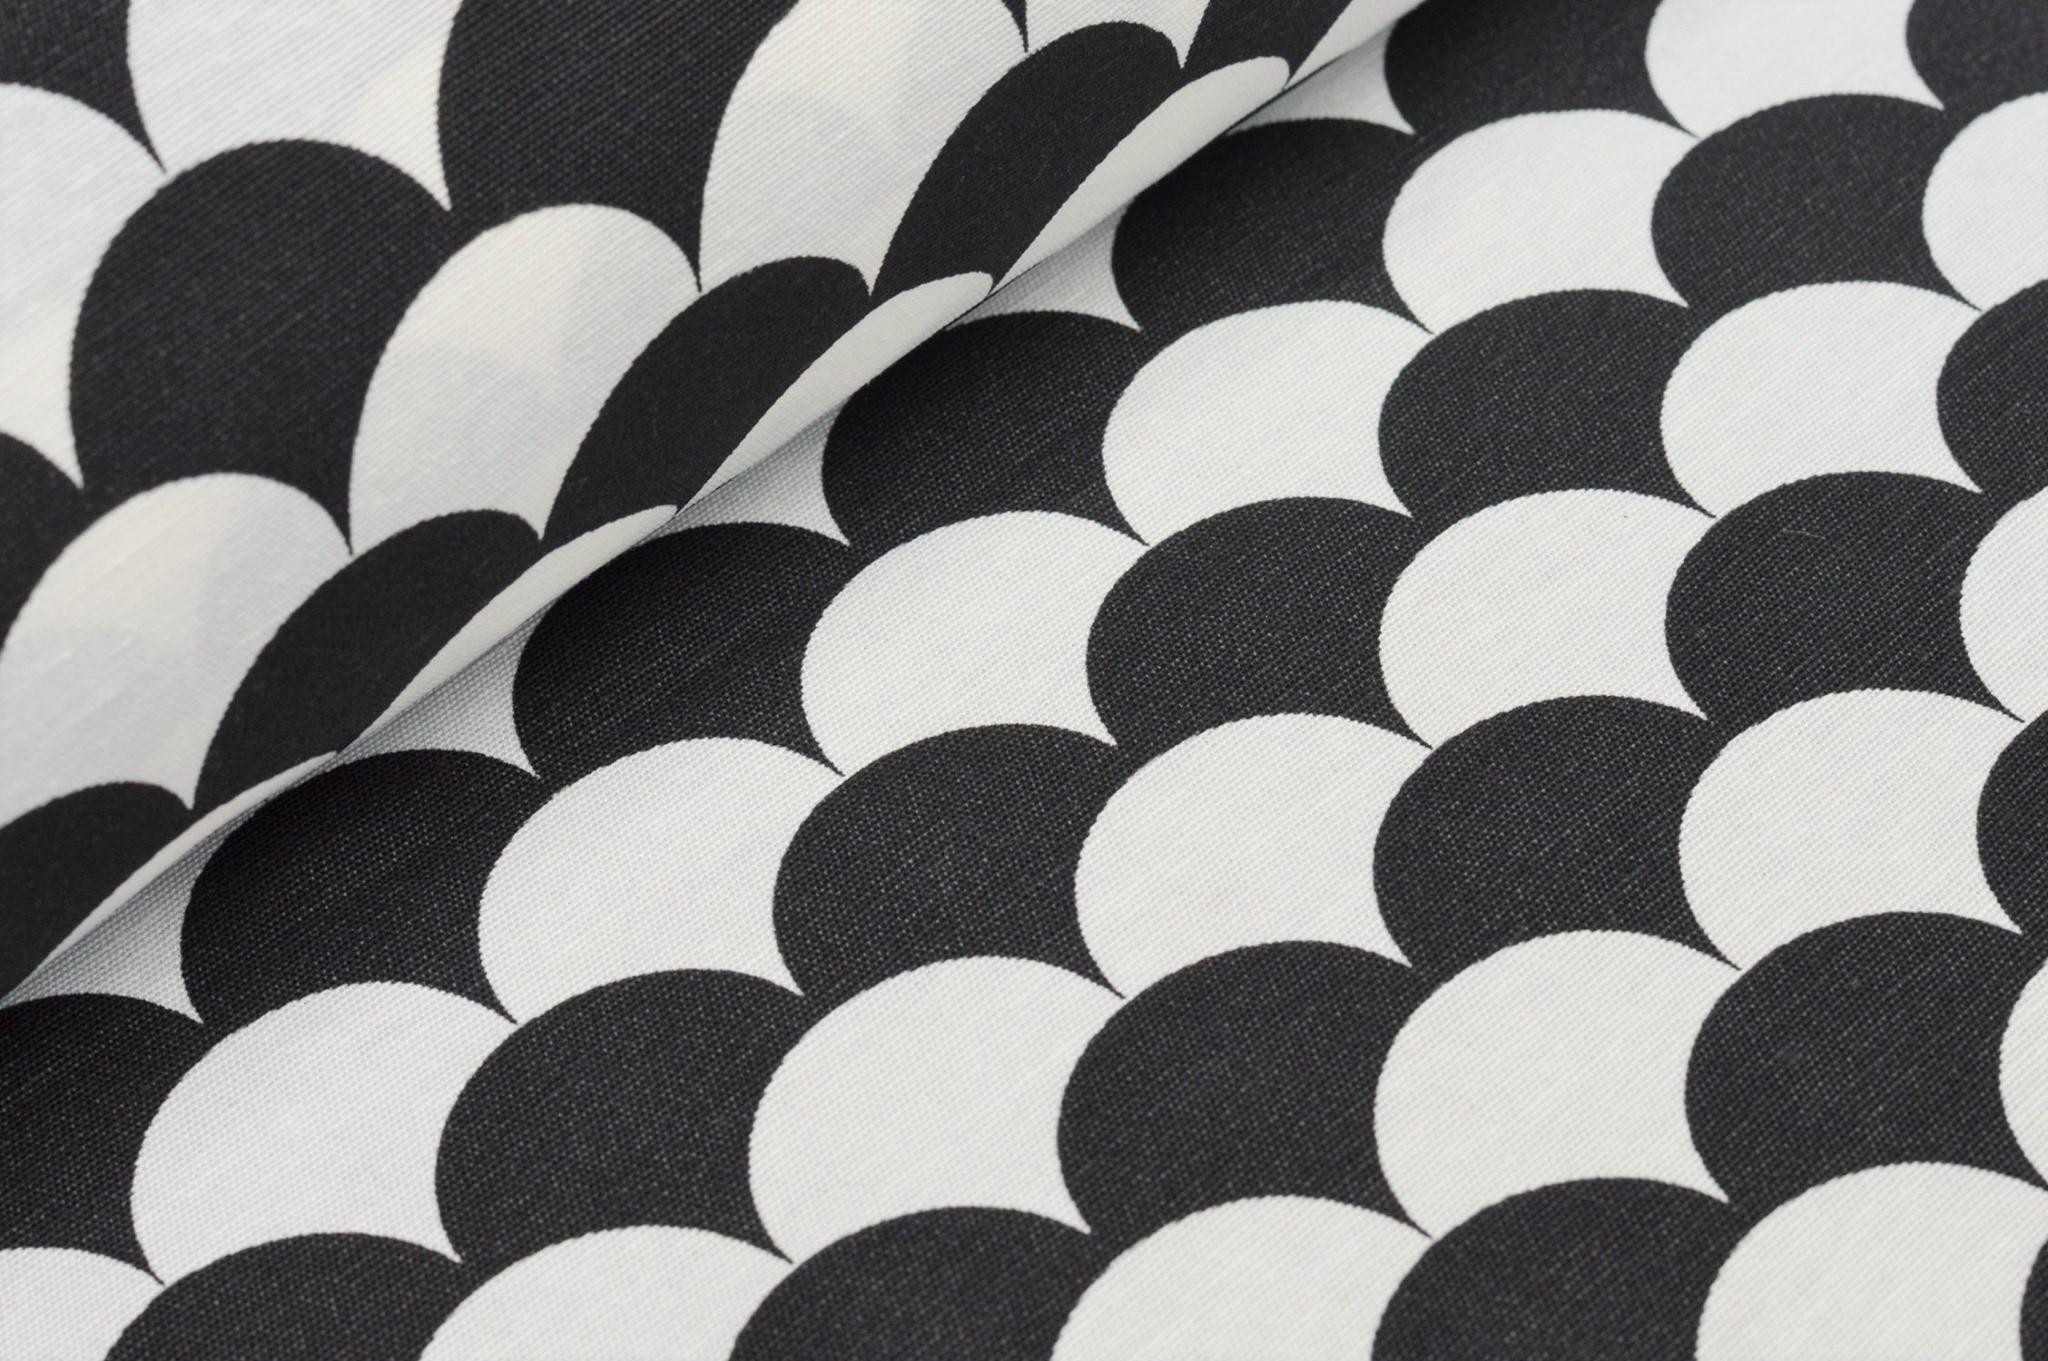 Dekostoff mit Wellenmuster schwarz/weiß